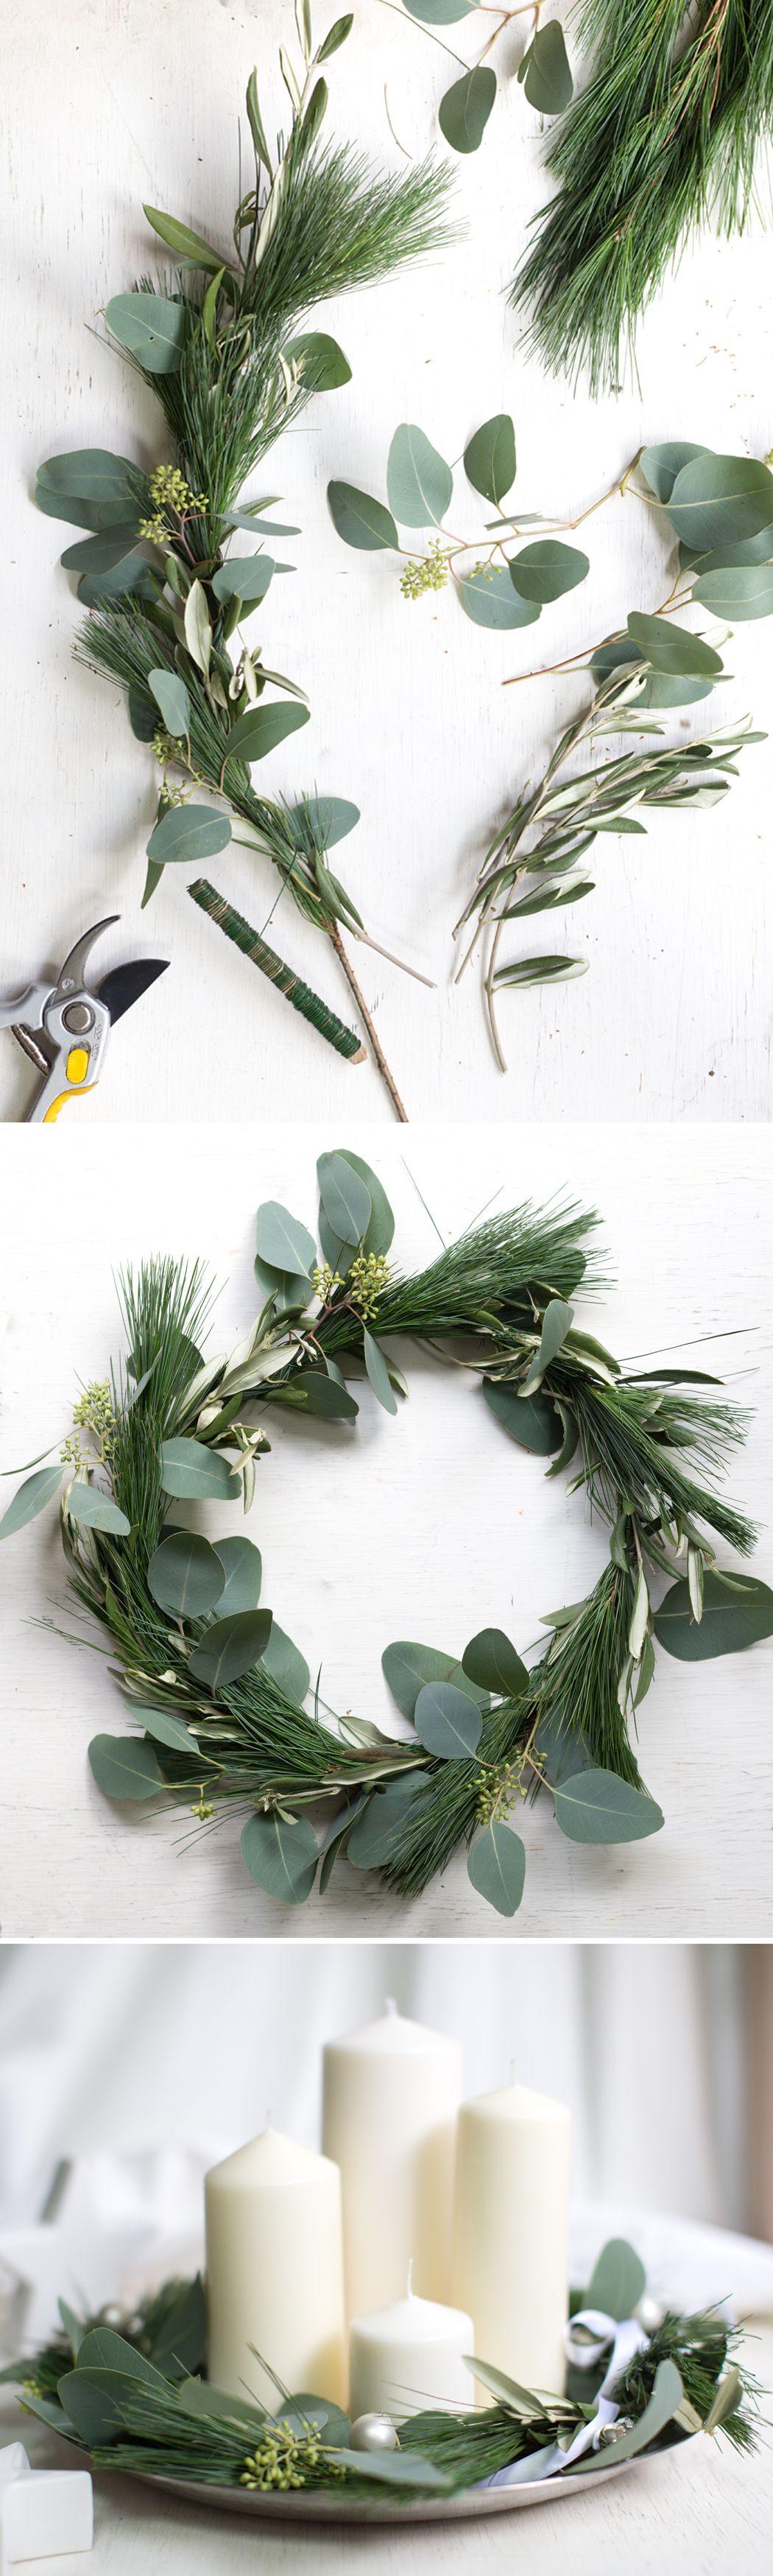 Adventskranz – simpel und pur, auf die letzte Minute – feiertäglich…das schöne Leben